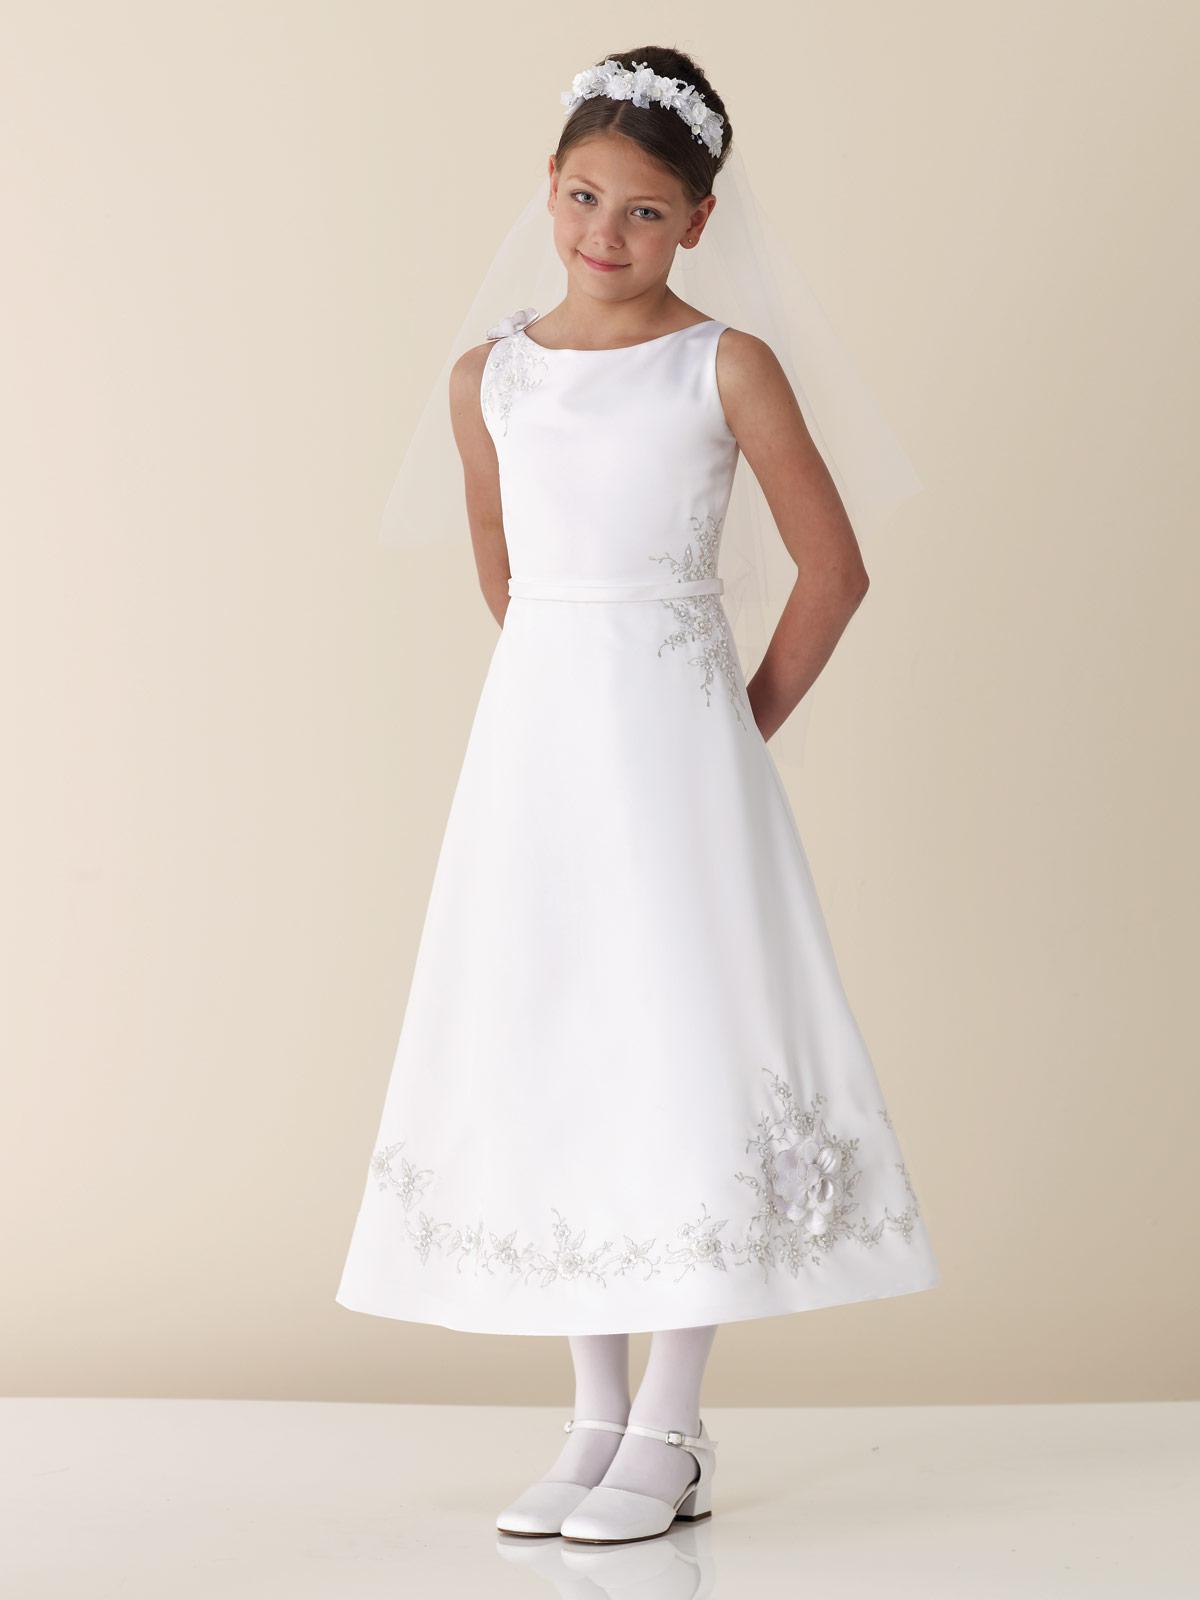 Junior Bridesmaid Shoes White